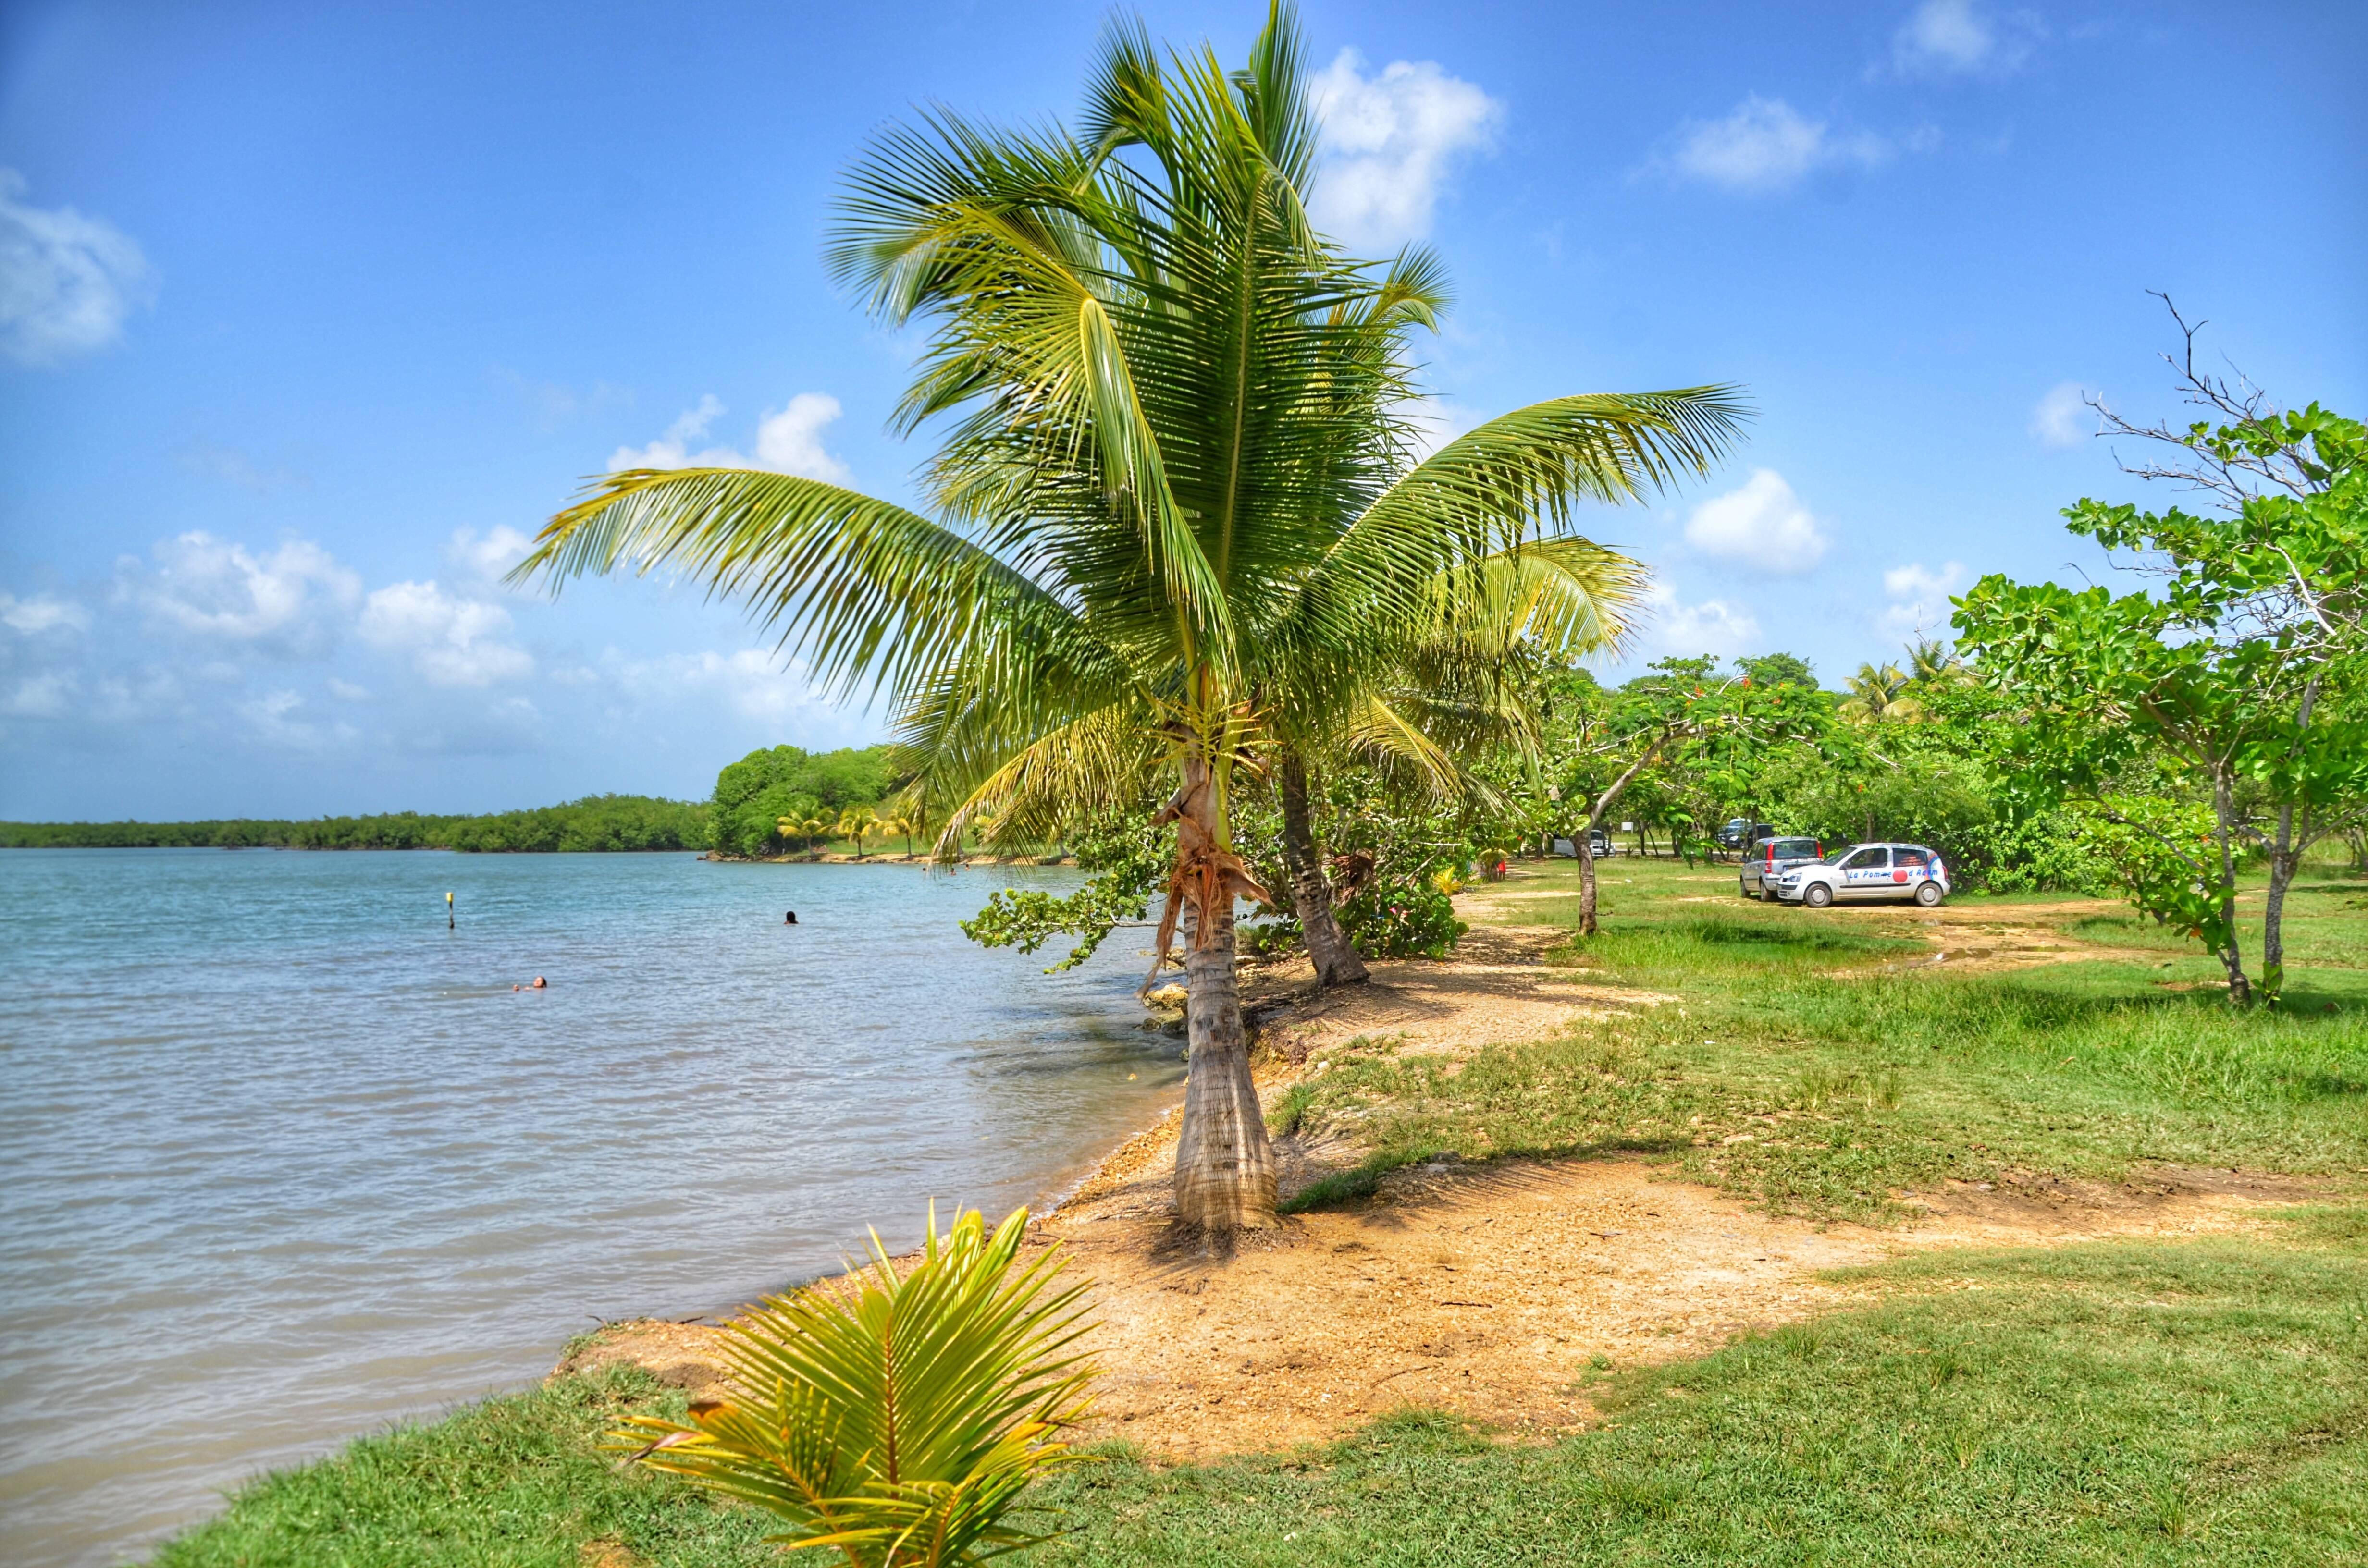 Photo 3: Petit Canal, rencontre entre la mangrove et la mer des Caraïbes !